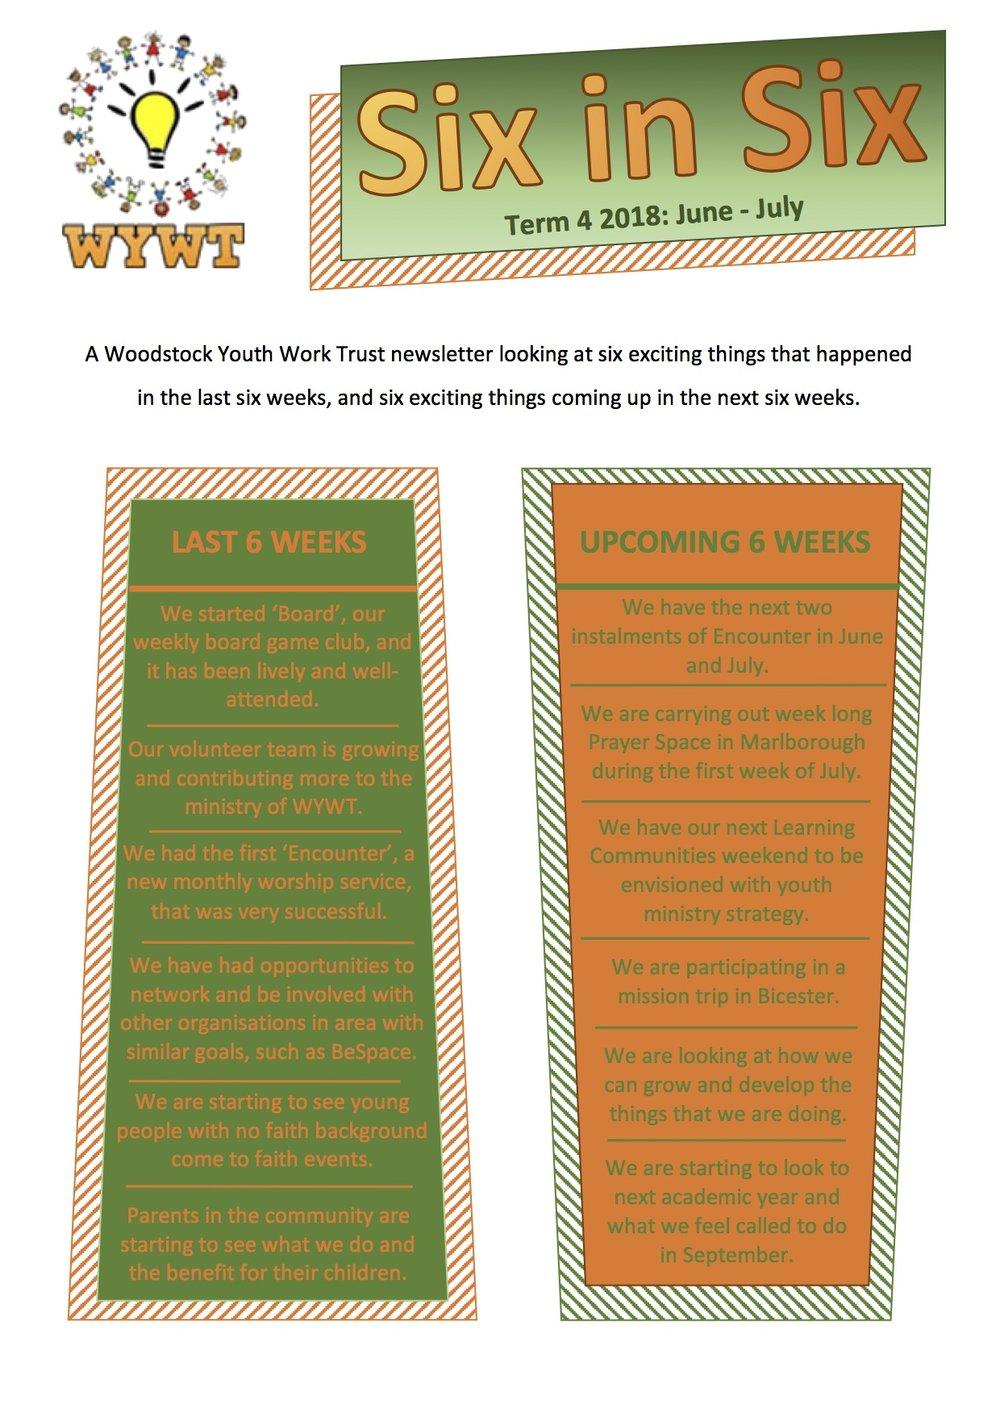 Term 4 WYWT.jpg